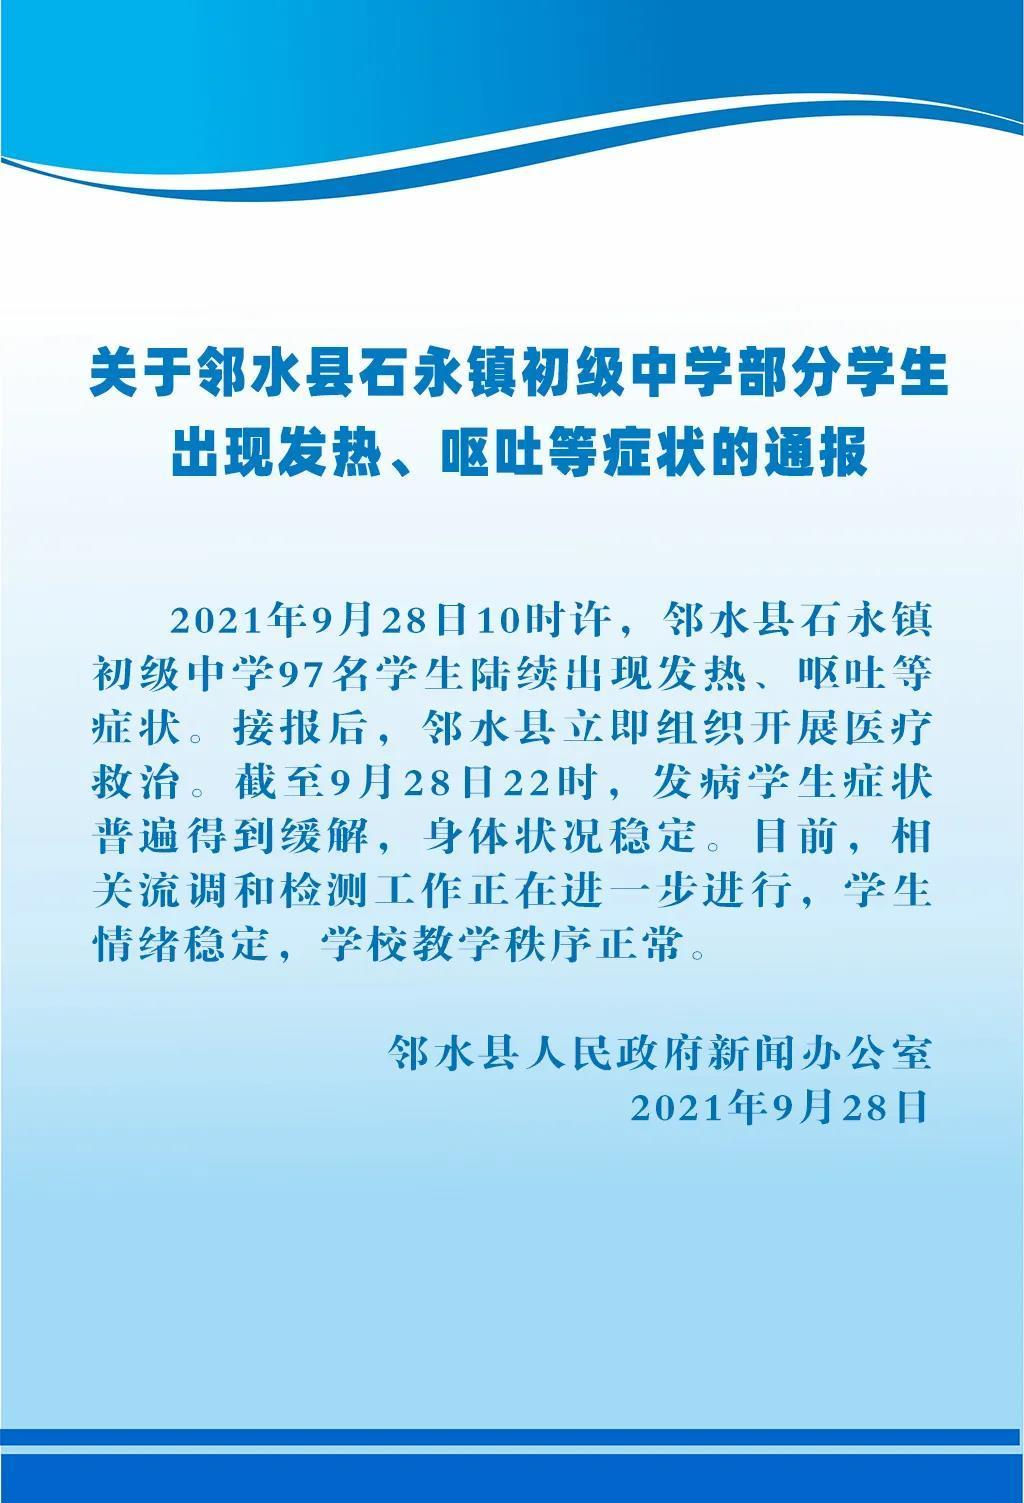 四川广安一学校97名学生出现发热、呕吐症状?官方通报